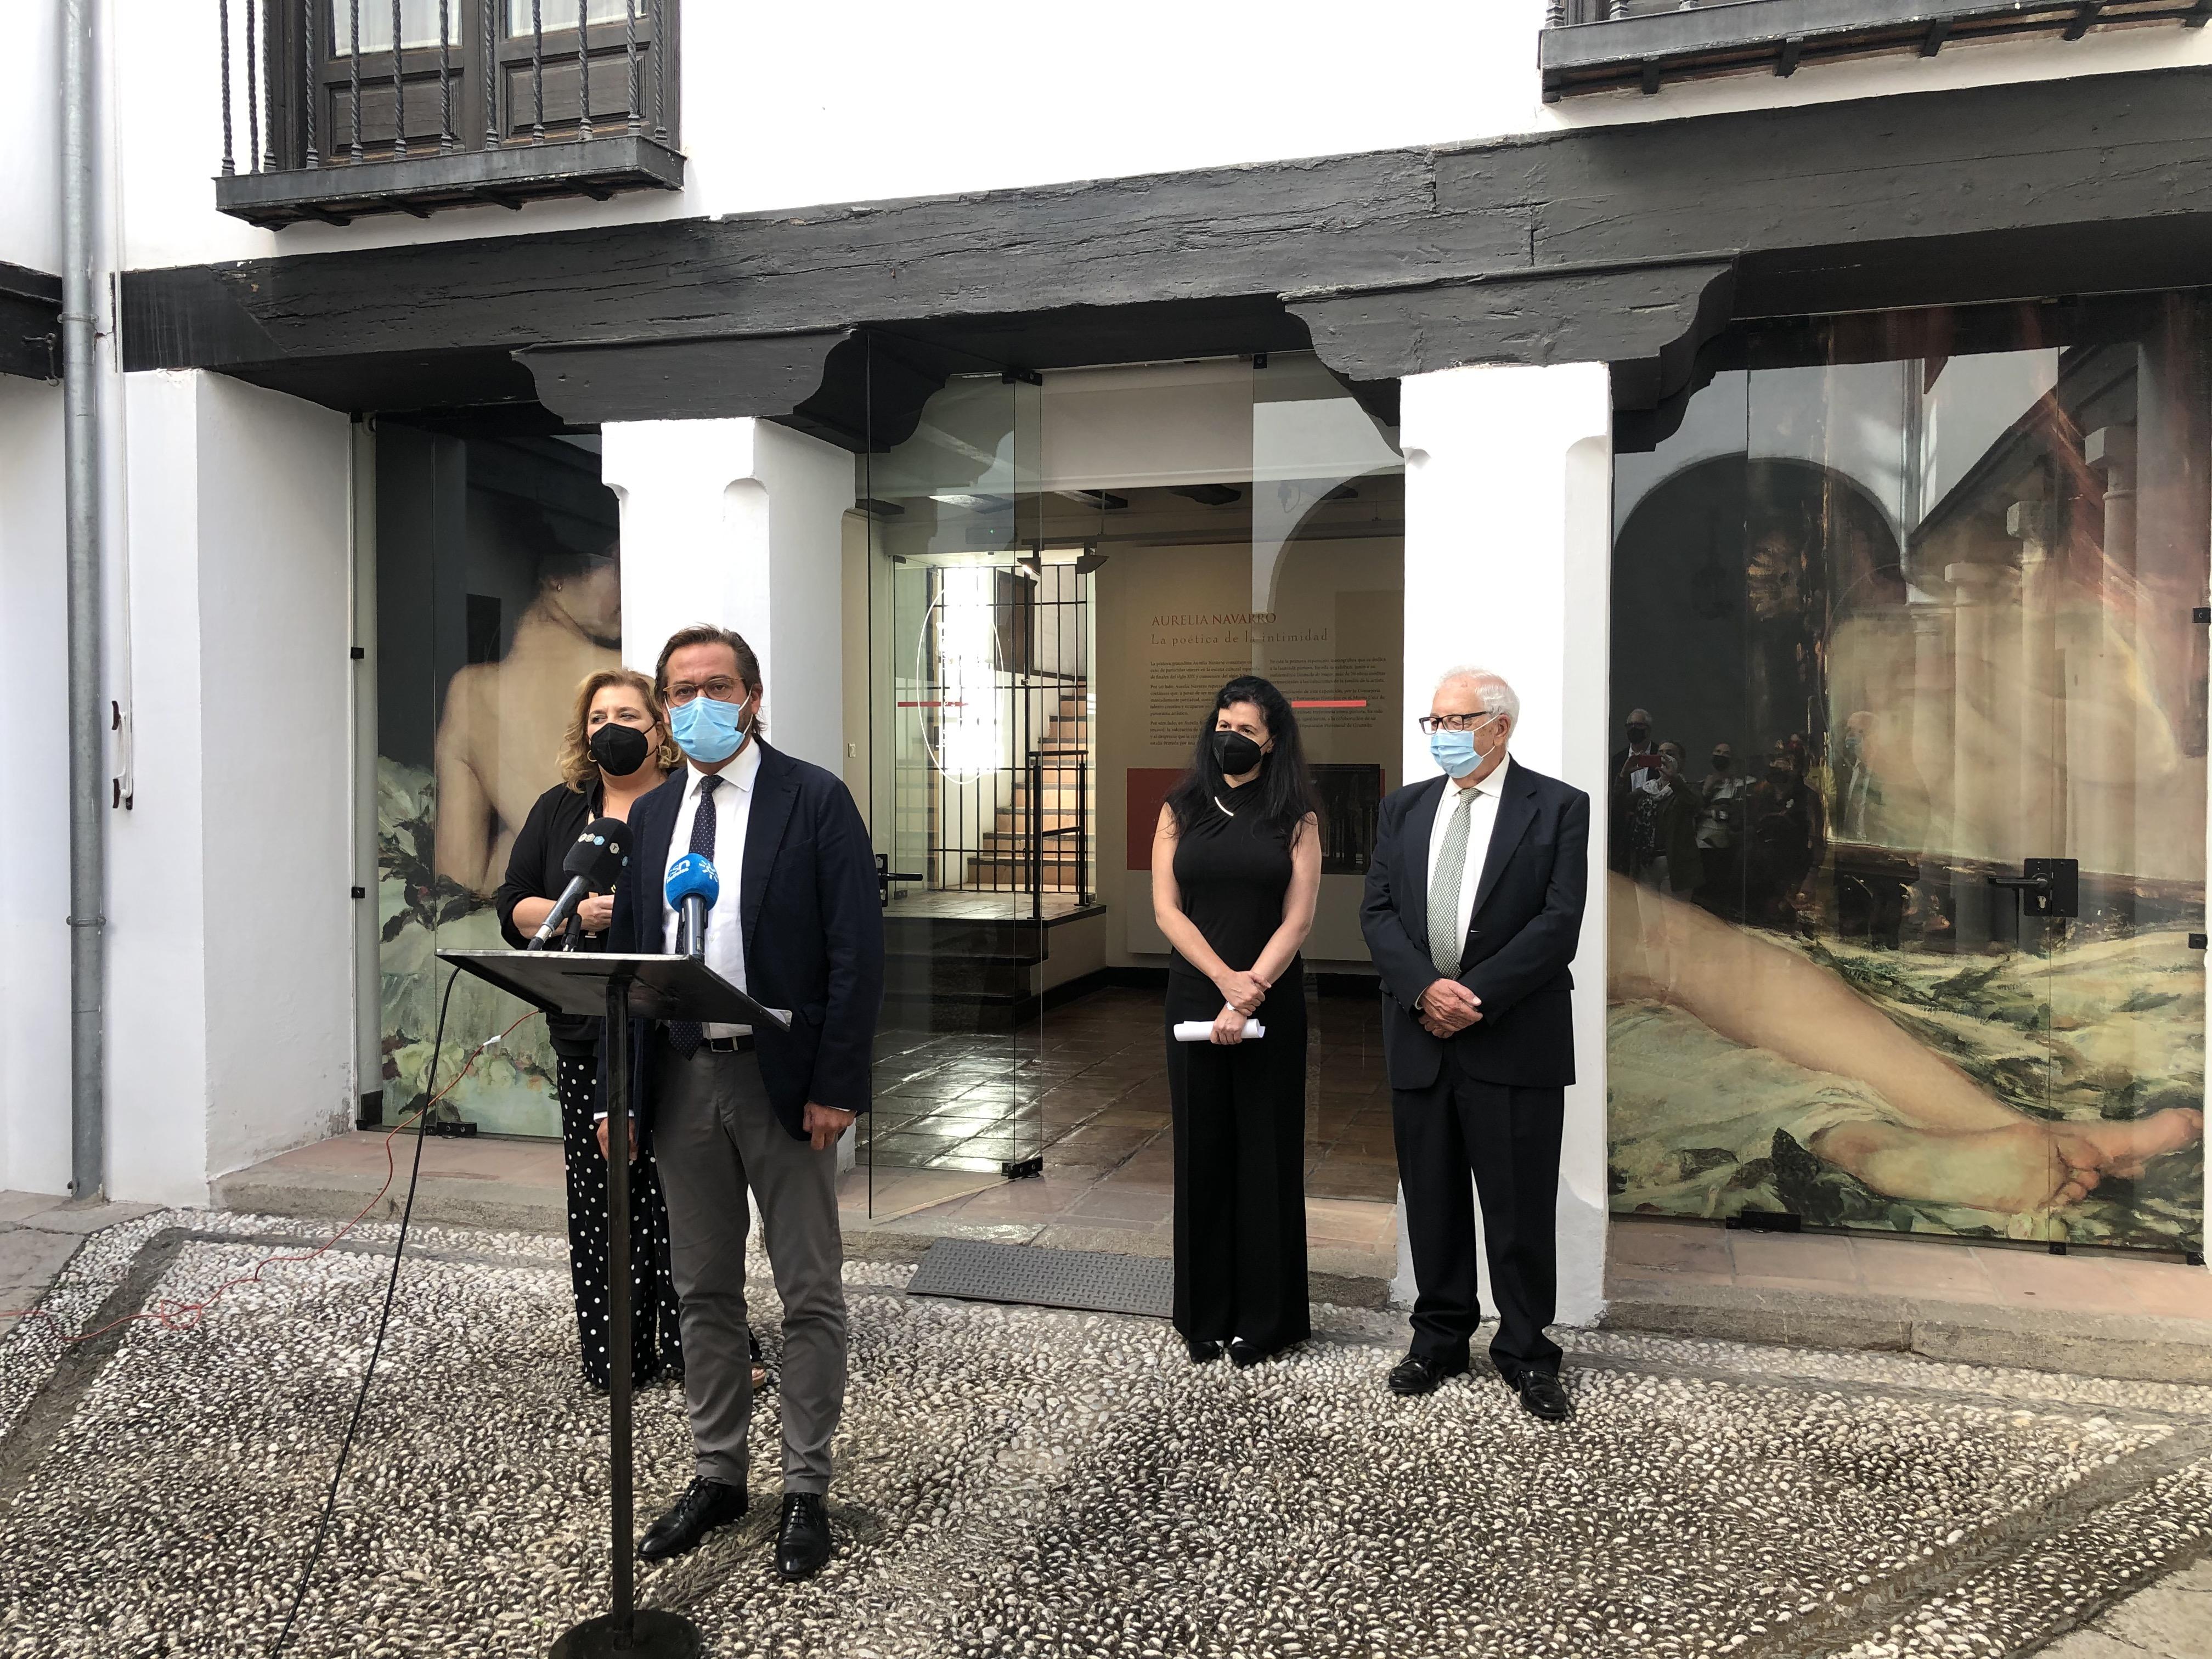 La Consejería de Cultura y Patrimonio Histórico inaugura la primera exposición monográfica dedicada a la figura y la obra de Aurelia Navarro